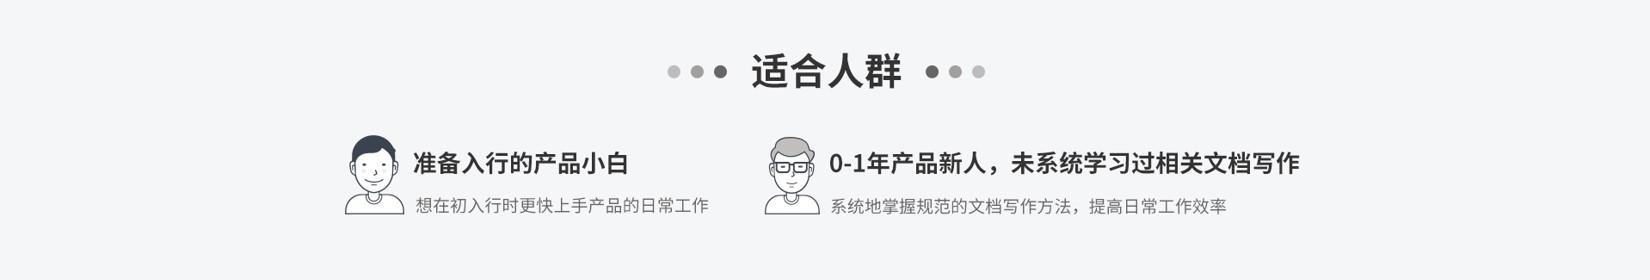 6.适合人群.jpg